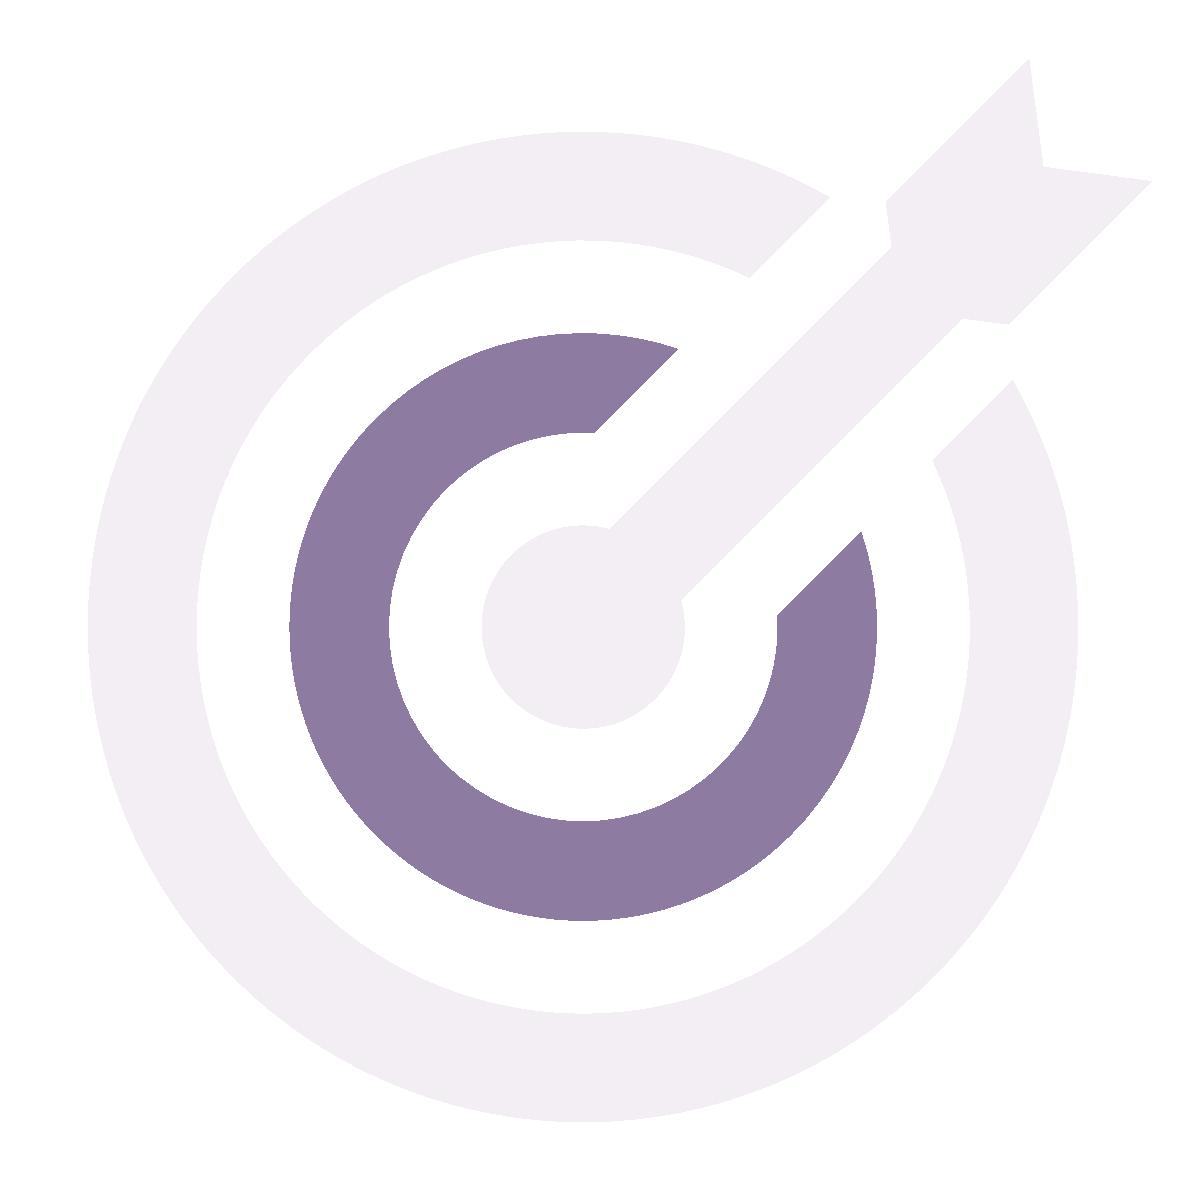 icon-bespoke-framework-inverted